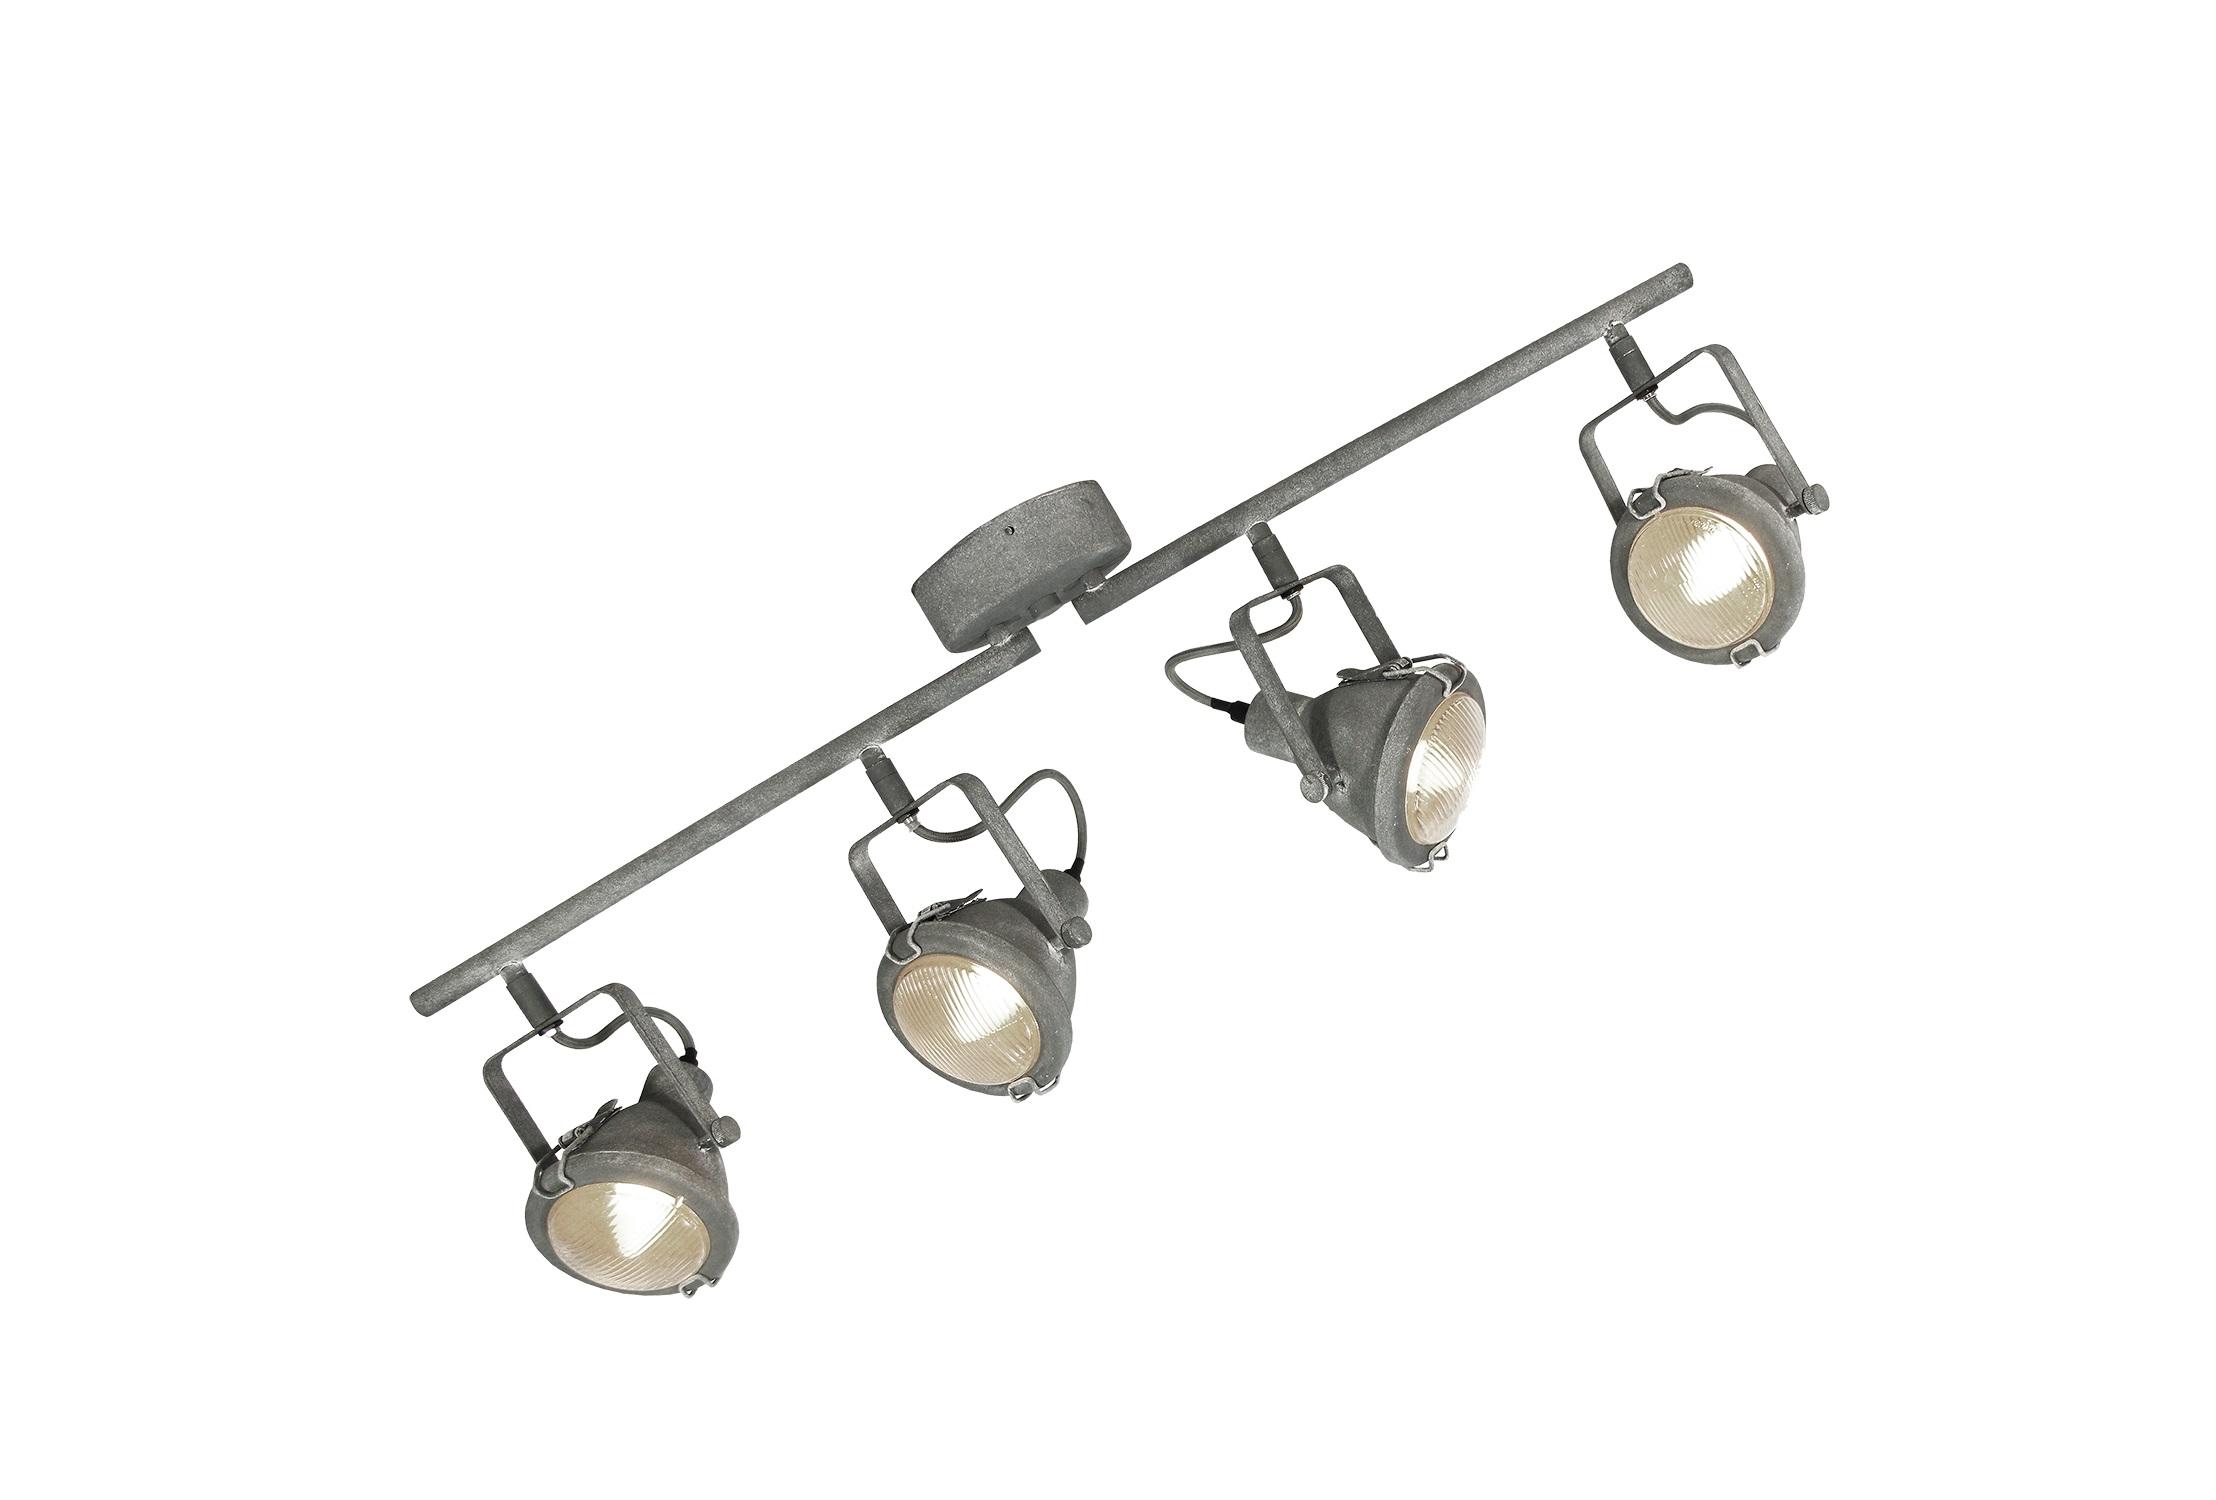 Настенно-потолочный светильникСпоты<br>&amp;lt;div&amp;gt;&amp;lt;div&amp;gt;Вид цоколя: E14&amp;lt;/div&amp;gt;&amp;lt;div&amp;gt;Мощность: 40W&amp;lt;/div&amp;gt;&amp;lt;div&amp;gt;Количество ламп: 4&amp;lt;/div&amp;gt;&amp;lt;div&amp;gt;Наличие ламп: отсутствуют.&amp;lt;/div&amp;gt;&amp;lt;/div&amp;gt;<br><br>Material: Металл<br>Width см: 86<br>Height см: 26